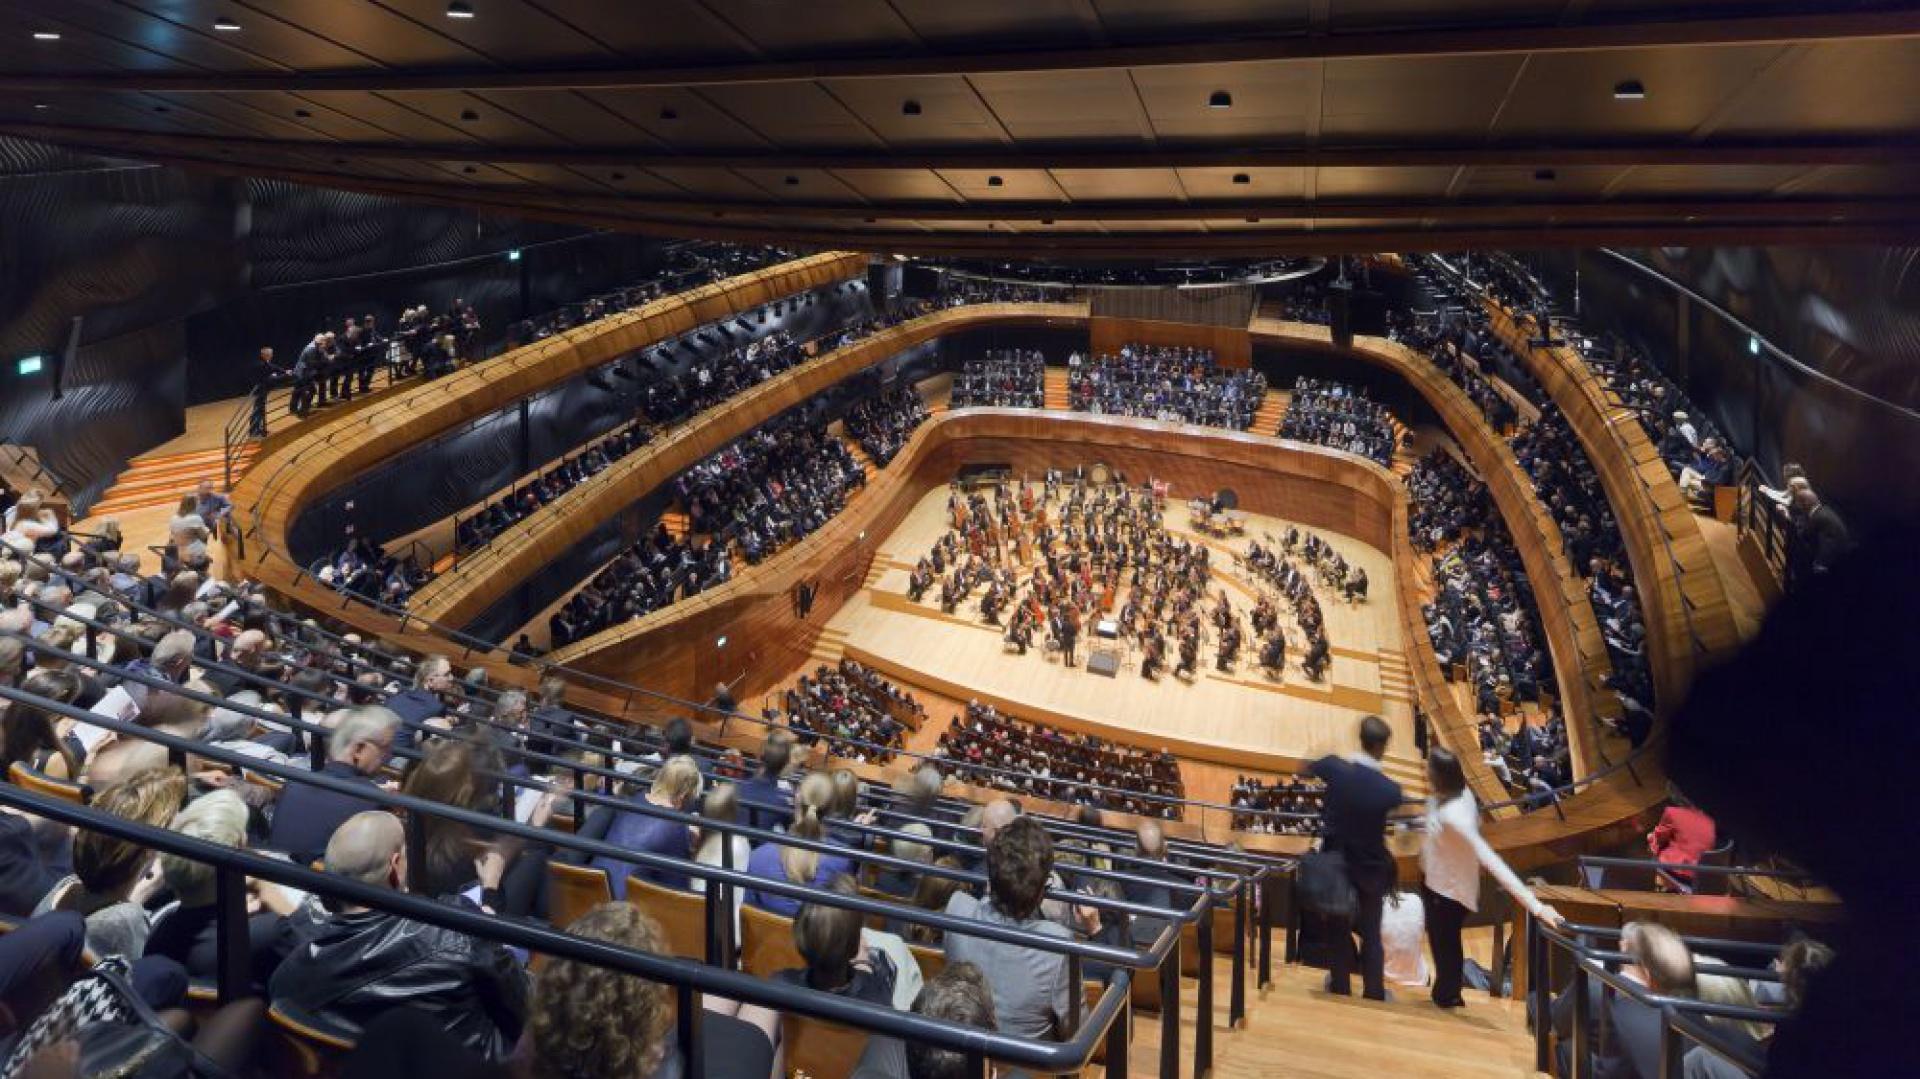 Nowa Siedziba Narodowej Orkiestry Symfonicznej Polskiego Radia (NOSPR) w Katowicach. Fot. Daniel Rumiancew